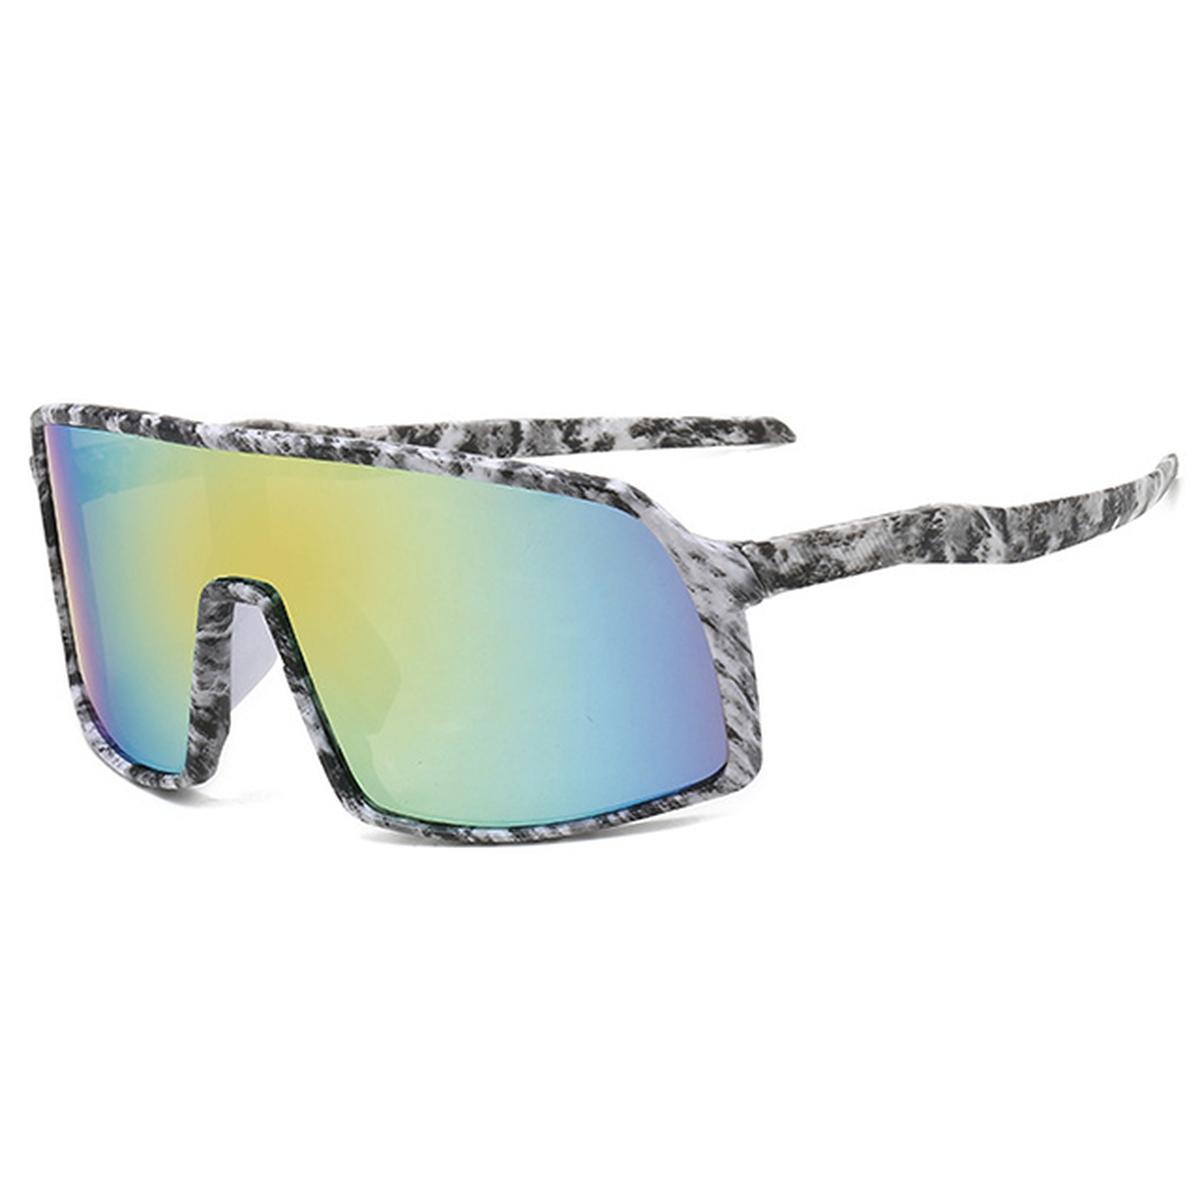 Beam Sportsbrille- Flere farger